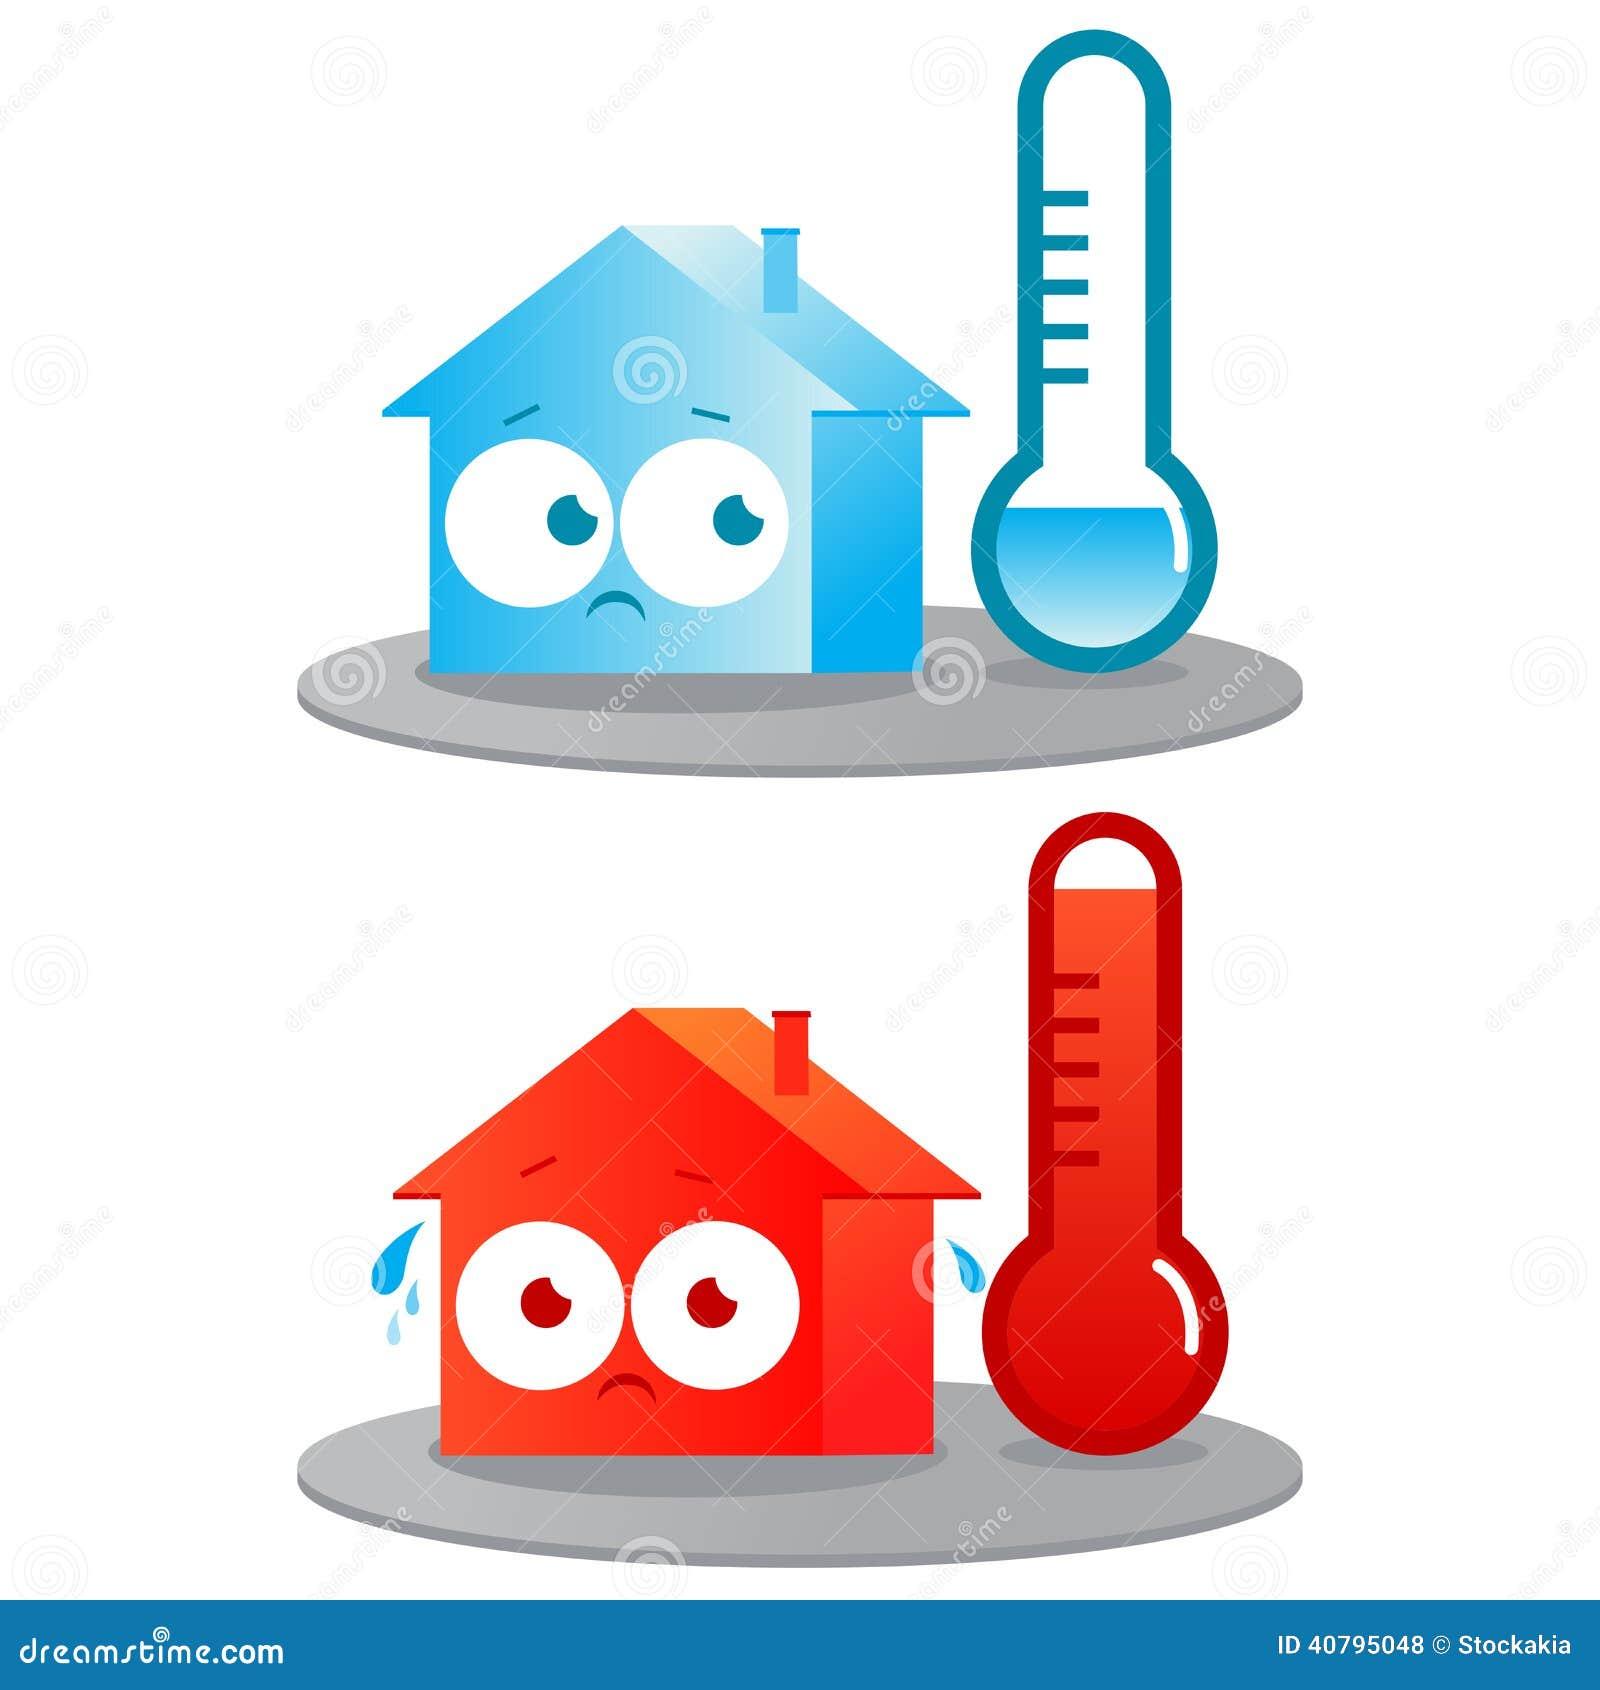 Maison chaude et froide illustration de vecteur image 40795048 - Omhullen een froid rouge ...